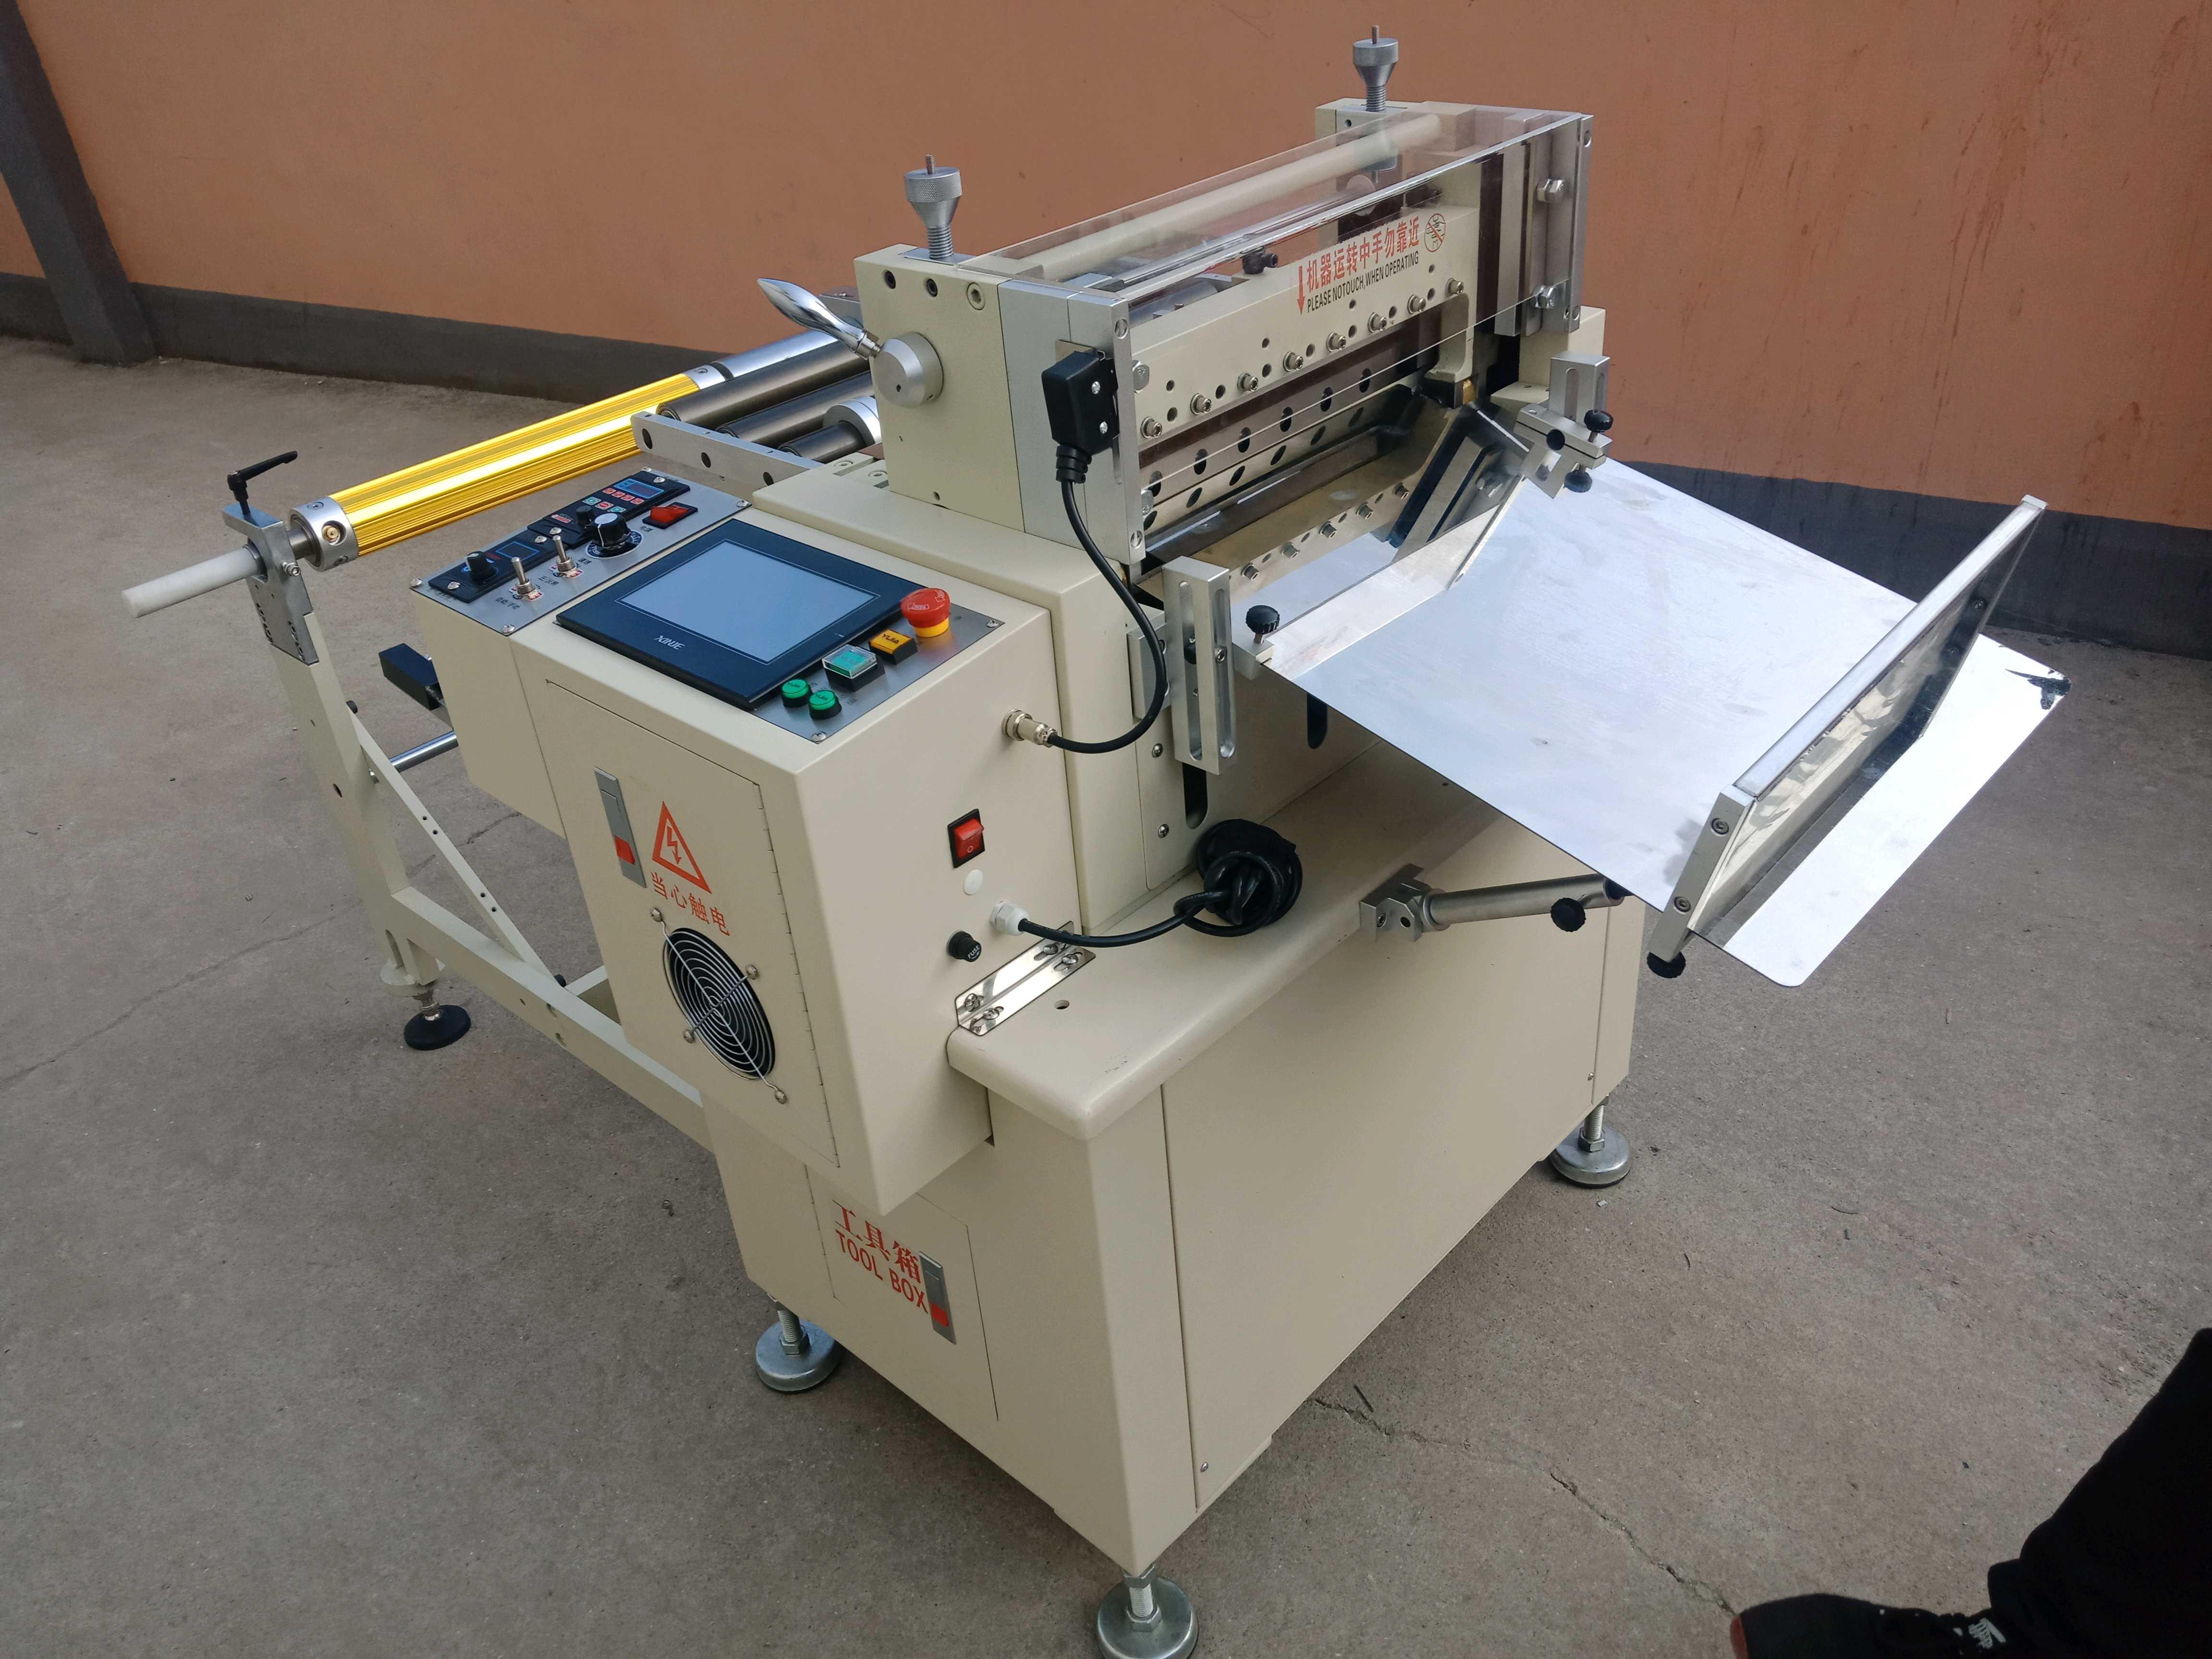 有需求乐虎国际游戏,分条,切片及背光模组相应设备及技术咨询欢迎来电13913207277胡先生。